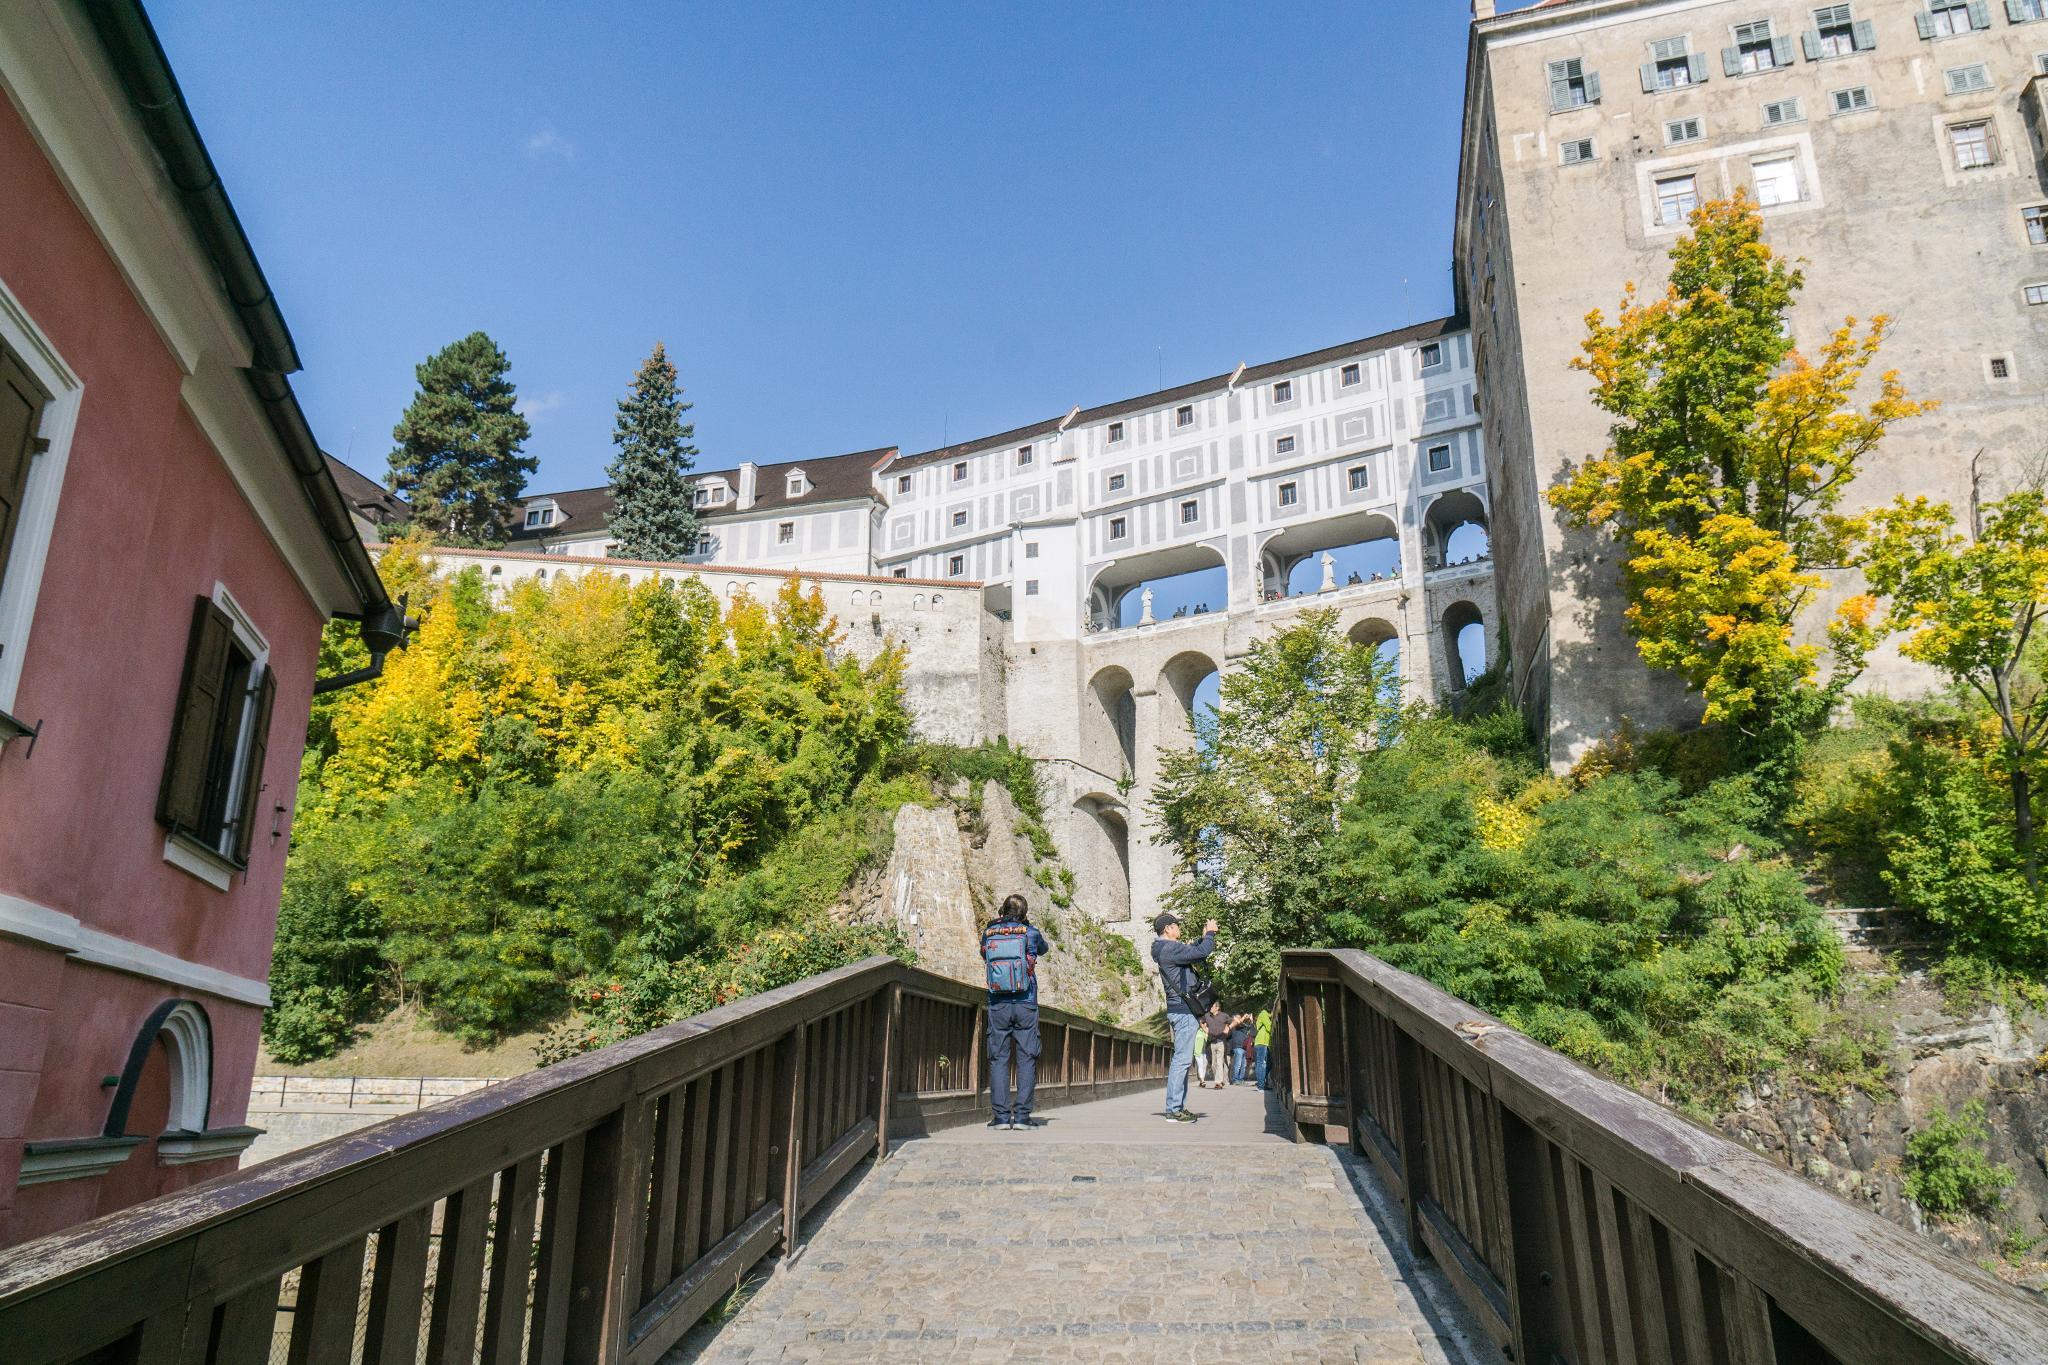 【捷克】穿越時空的波希米亞狂想曲 — Český Krumlov Castle 庫倫諾夫城堡 21